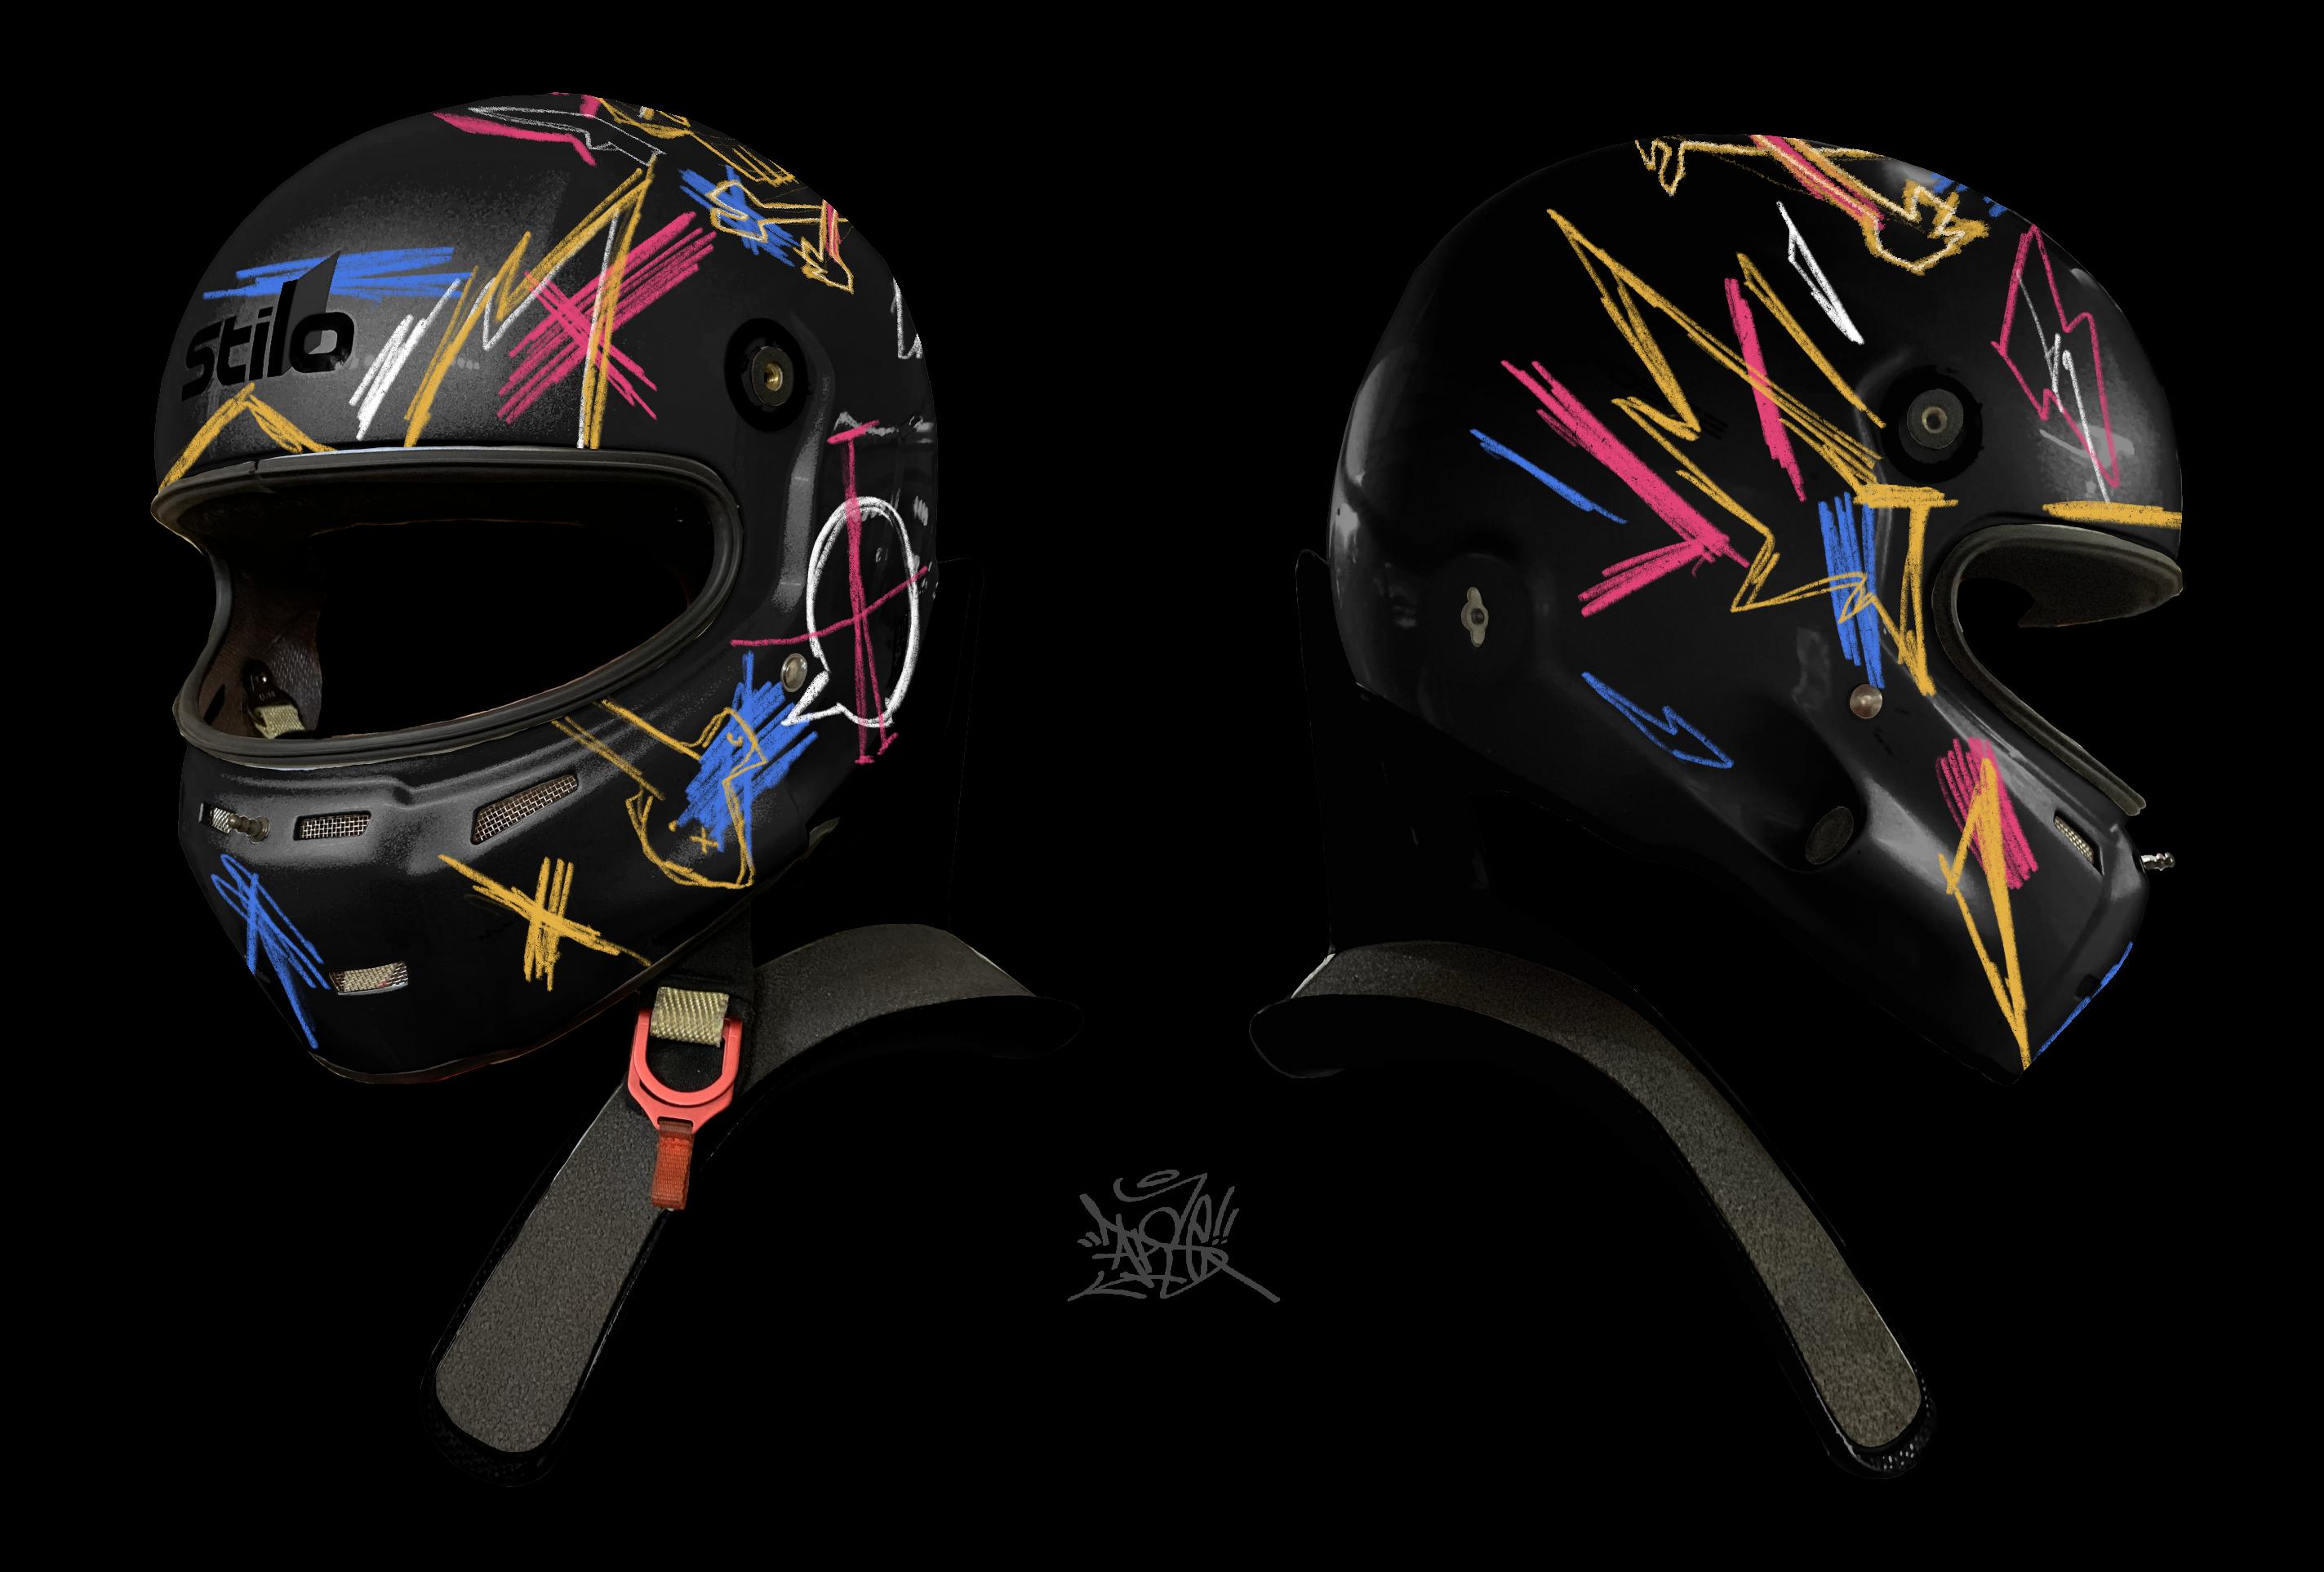 Graffiti Racecar Helmet